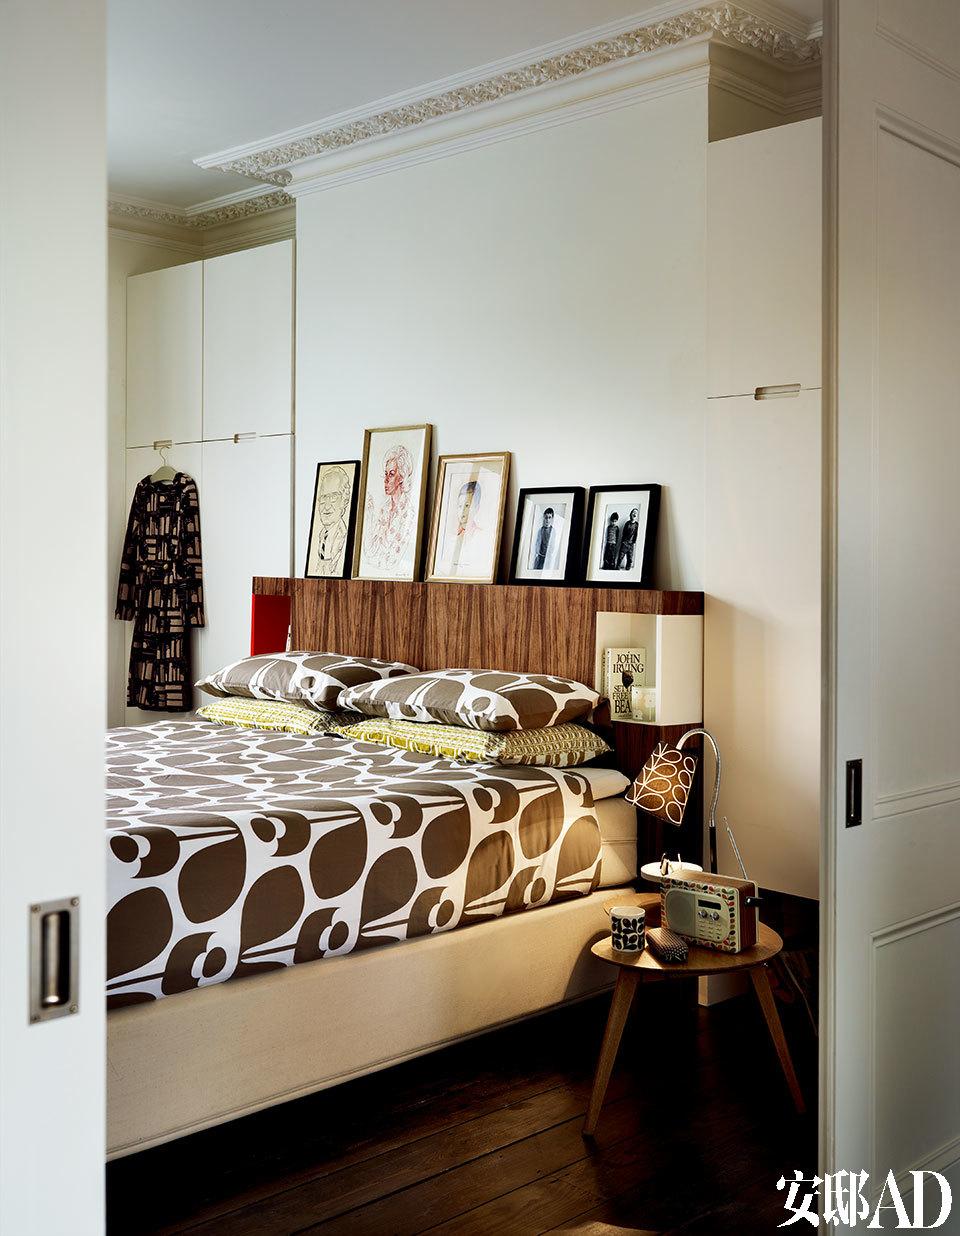 Orla以那款经典的树叶包而闻名, 那些可爱的树叶图案用在家居品设计上,一切都那么恰到好处。由桂竹香花和蘑菇的形体而简化形成的图案被印在卧室的床品上。几幅小画和照片装裱在画框中,成为了床头简单的装饰。